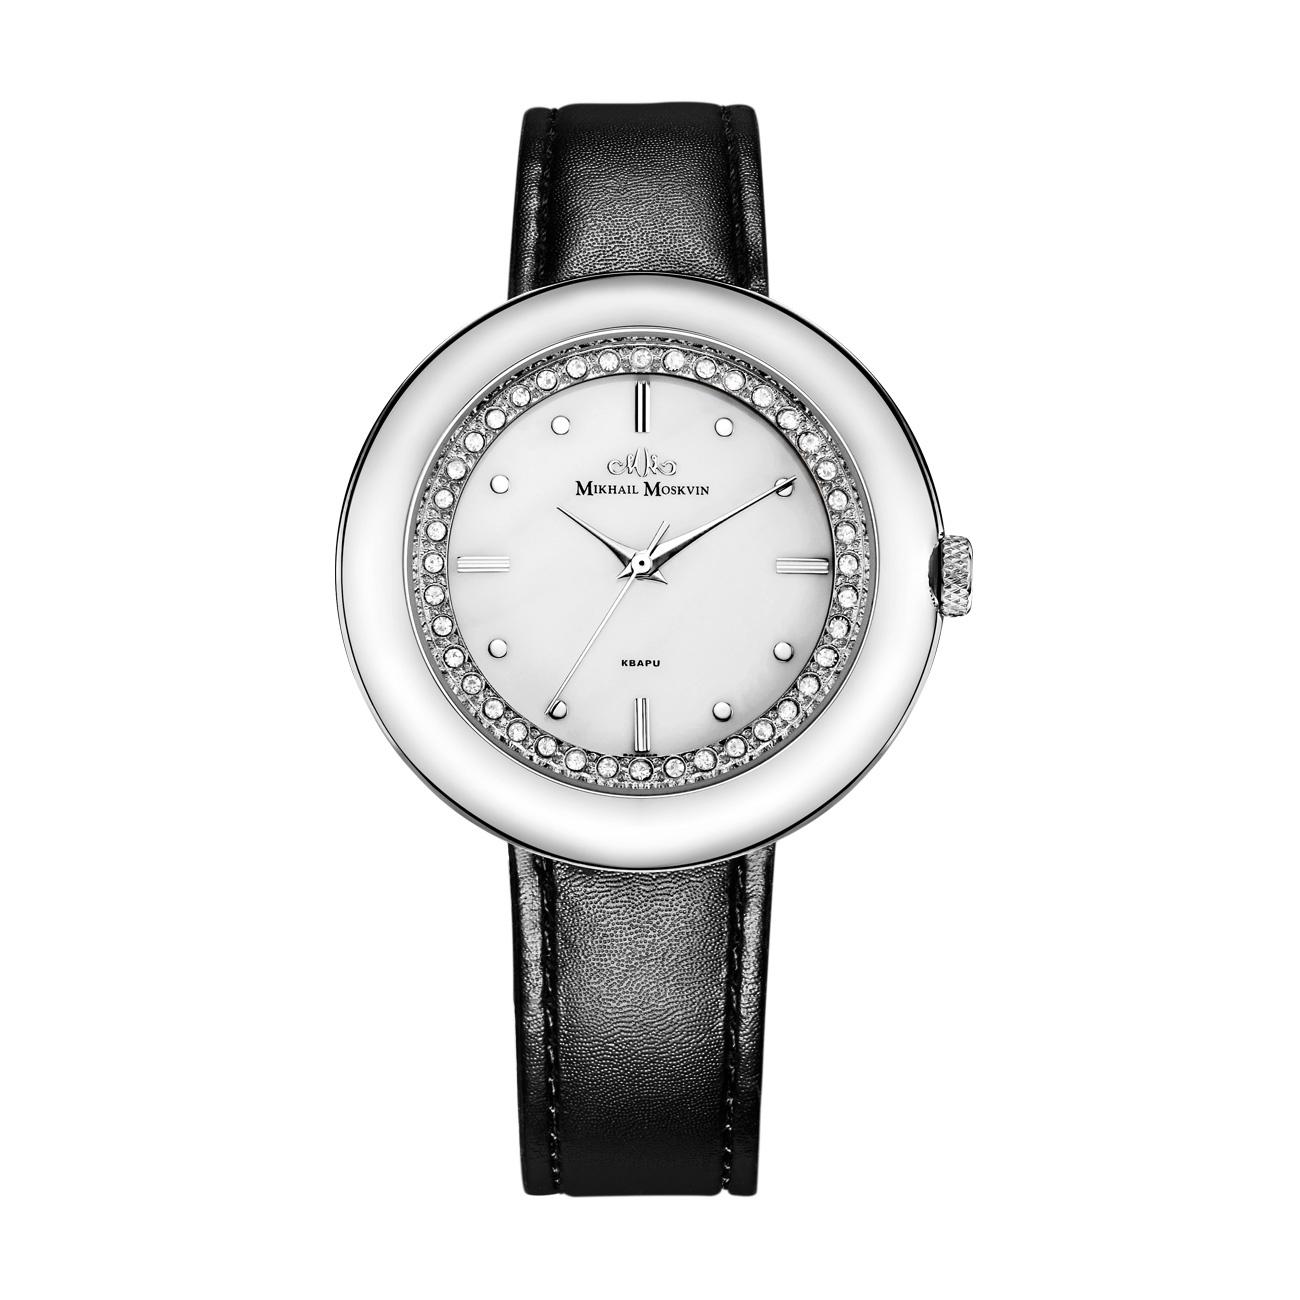 Часы Mikhail Moskvin, Mikhail Moskvin 584-6-7, 584-6-7 все цены